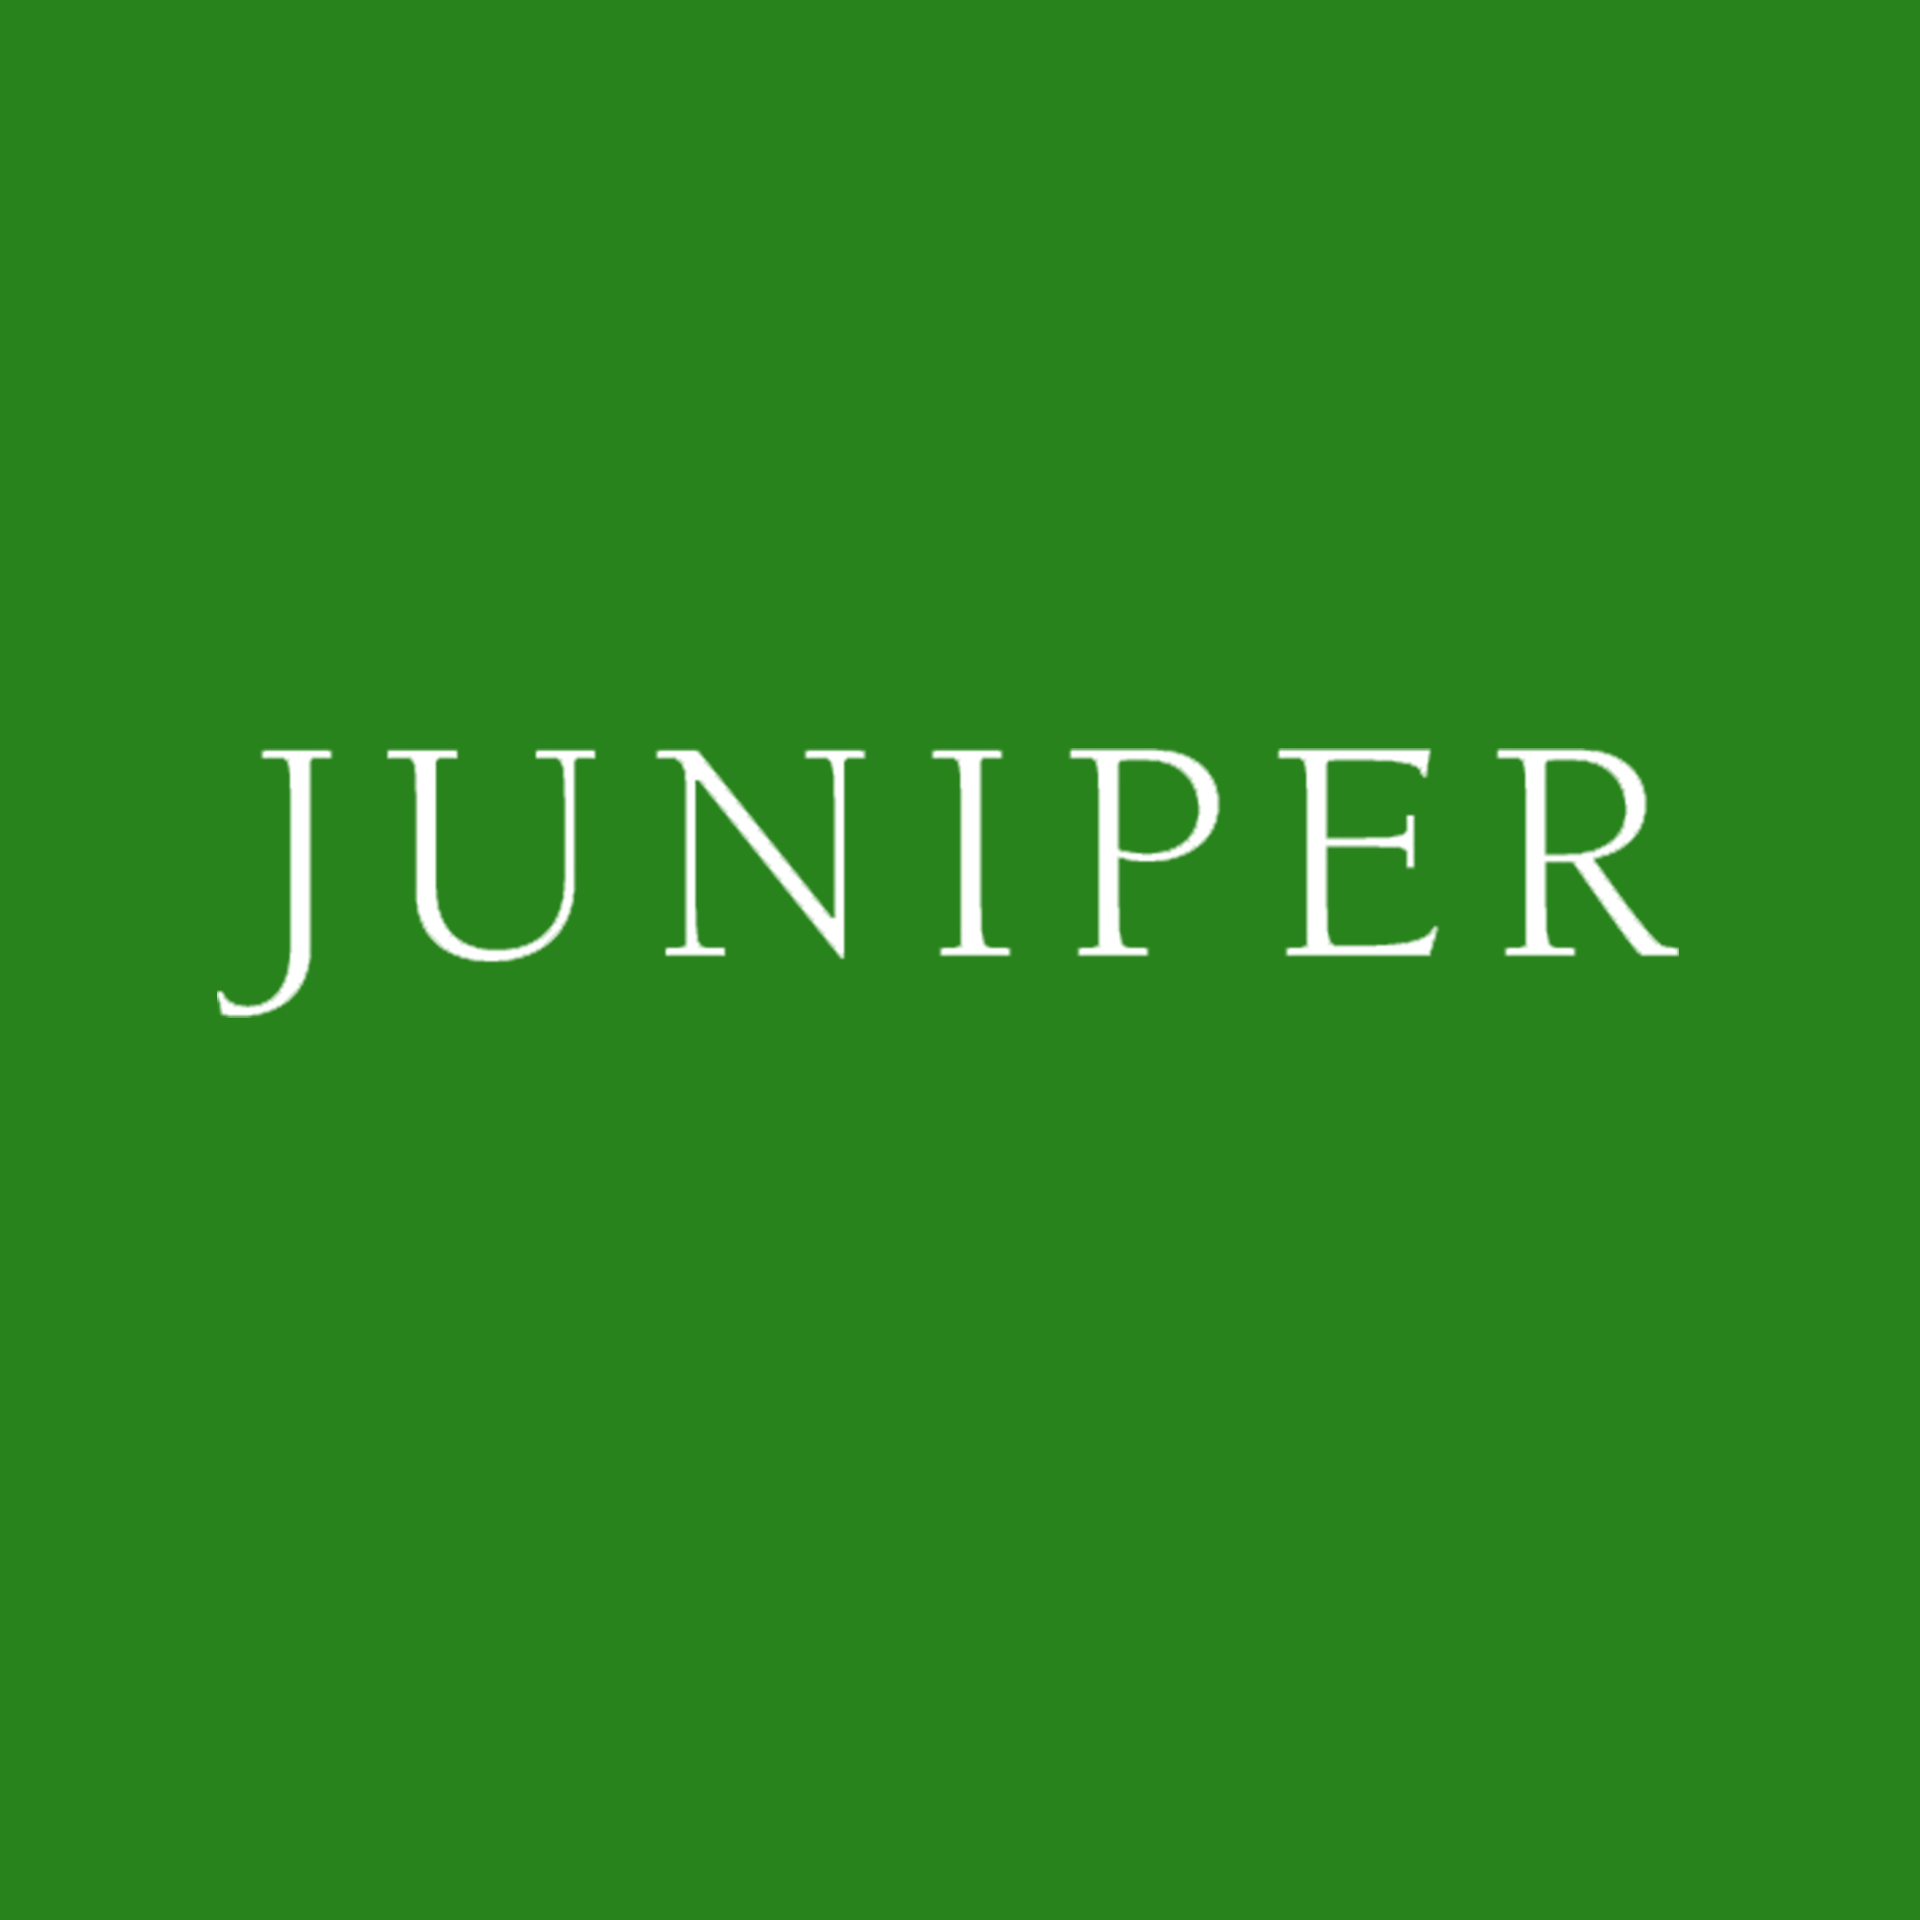 Juniper (Barclays)